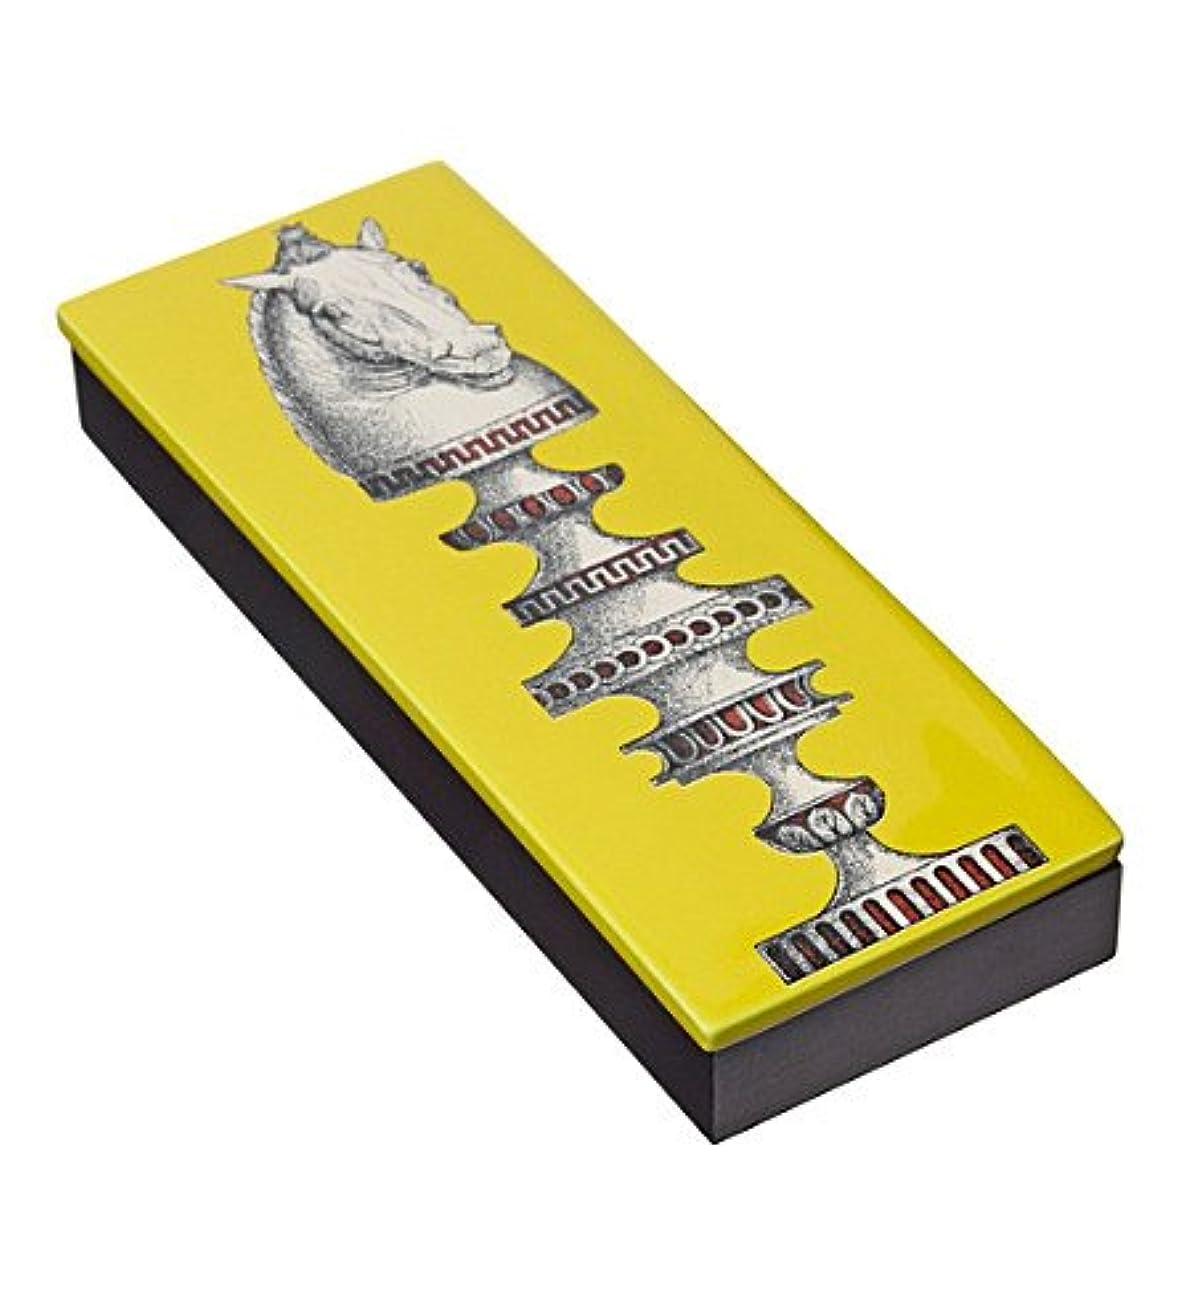 時制引退した一握りFornasetti木製ボックスand Incense Scacco al Cavallo蓋( 80 Sticks )